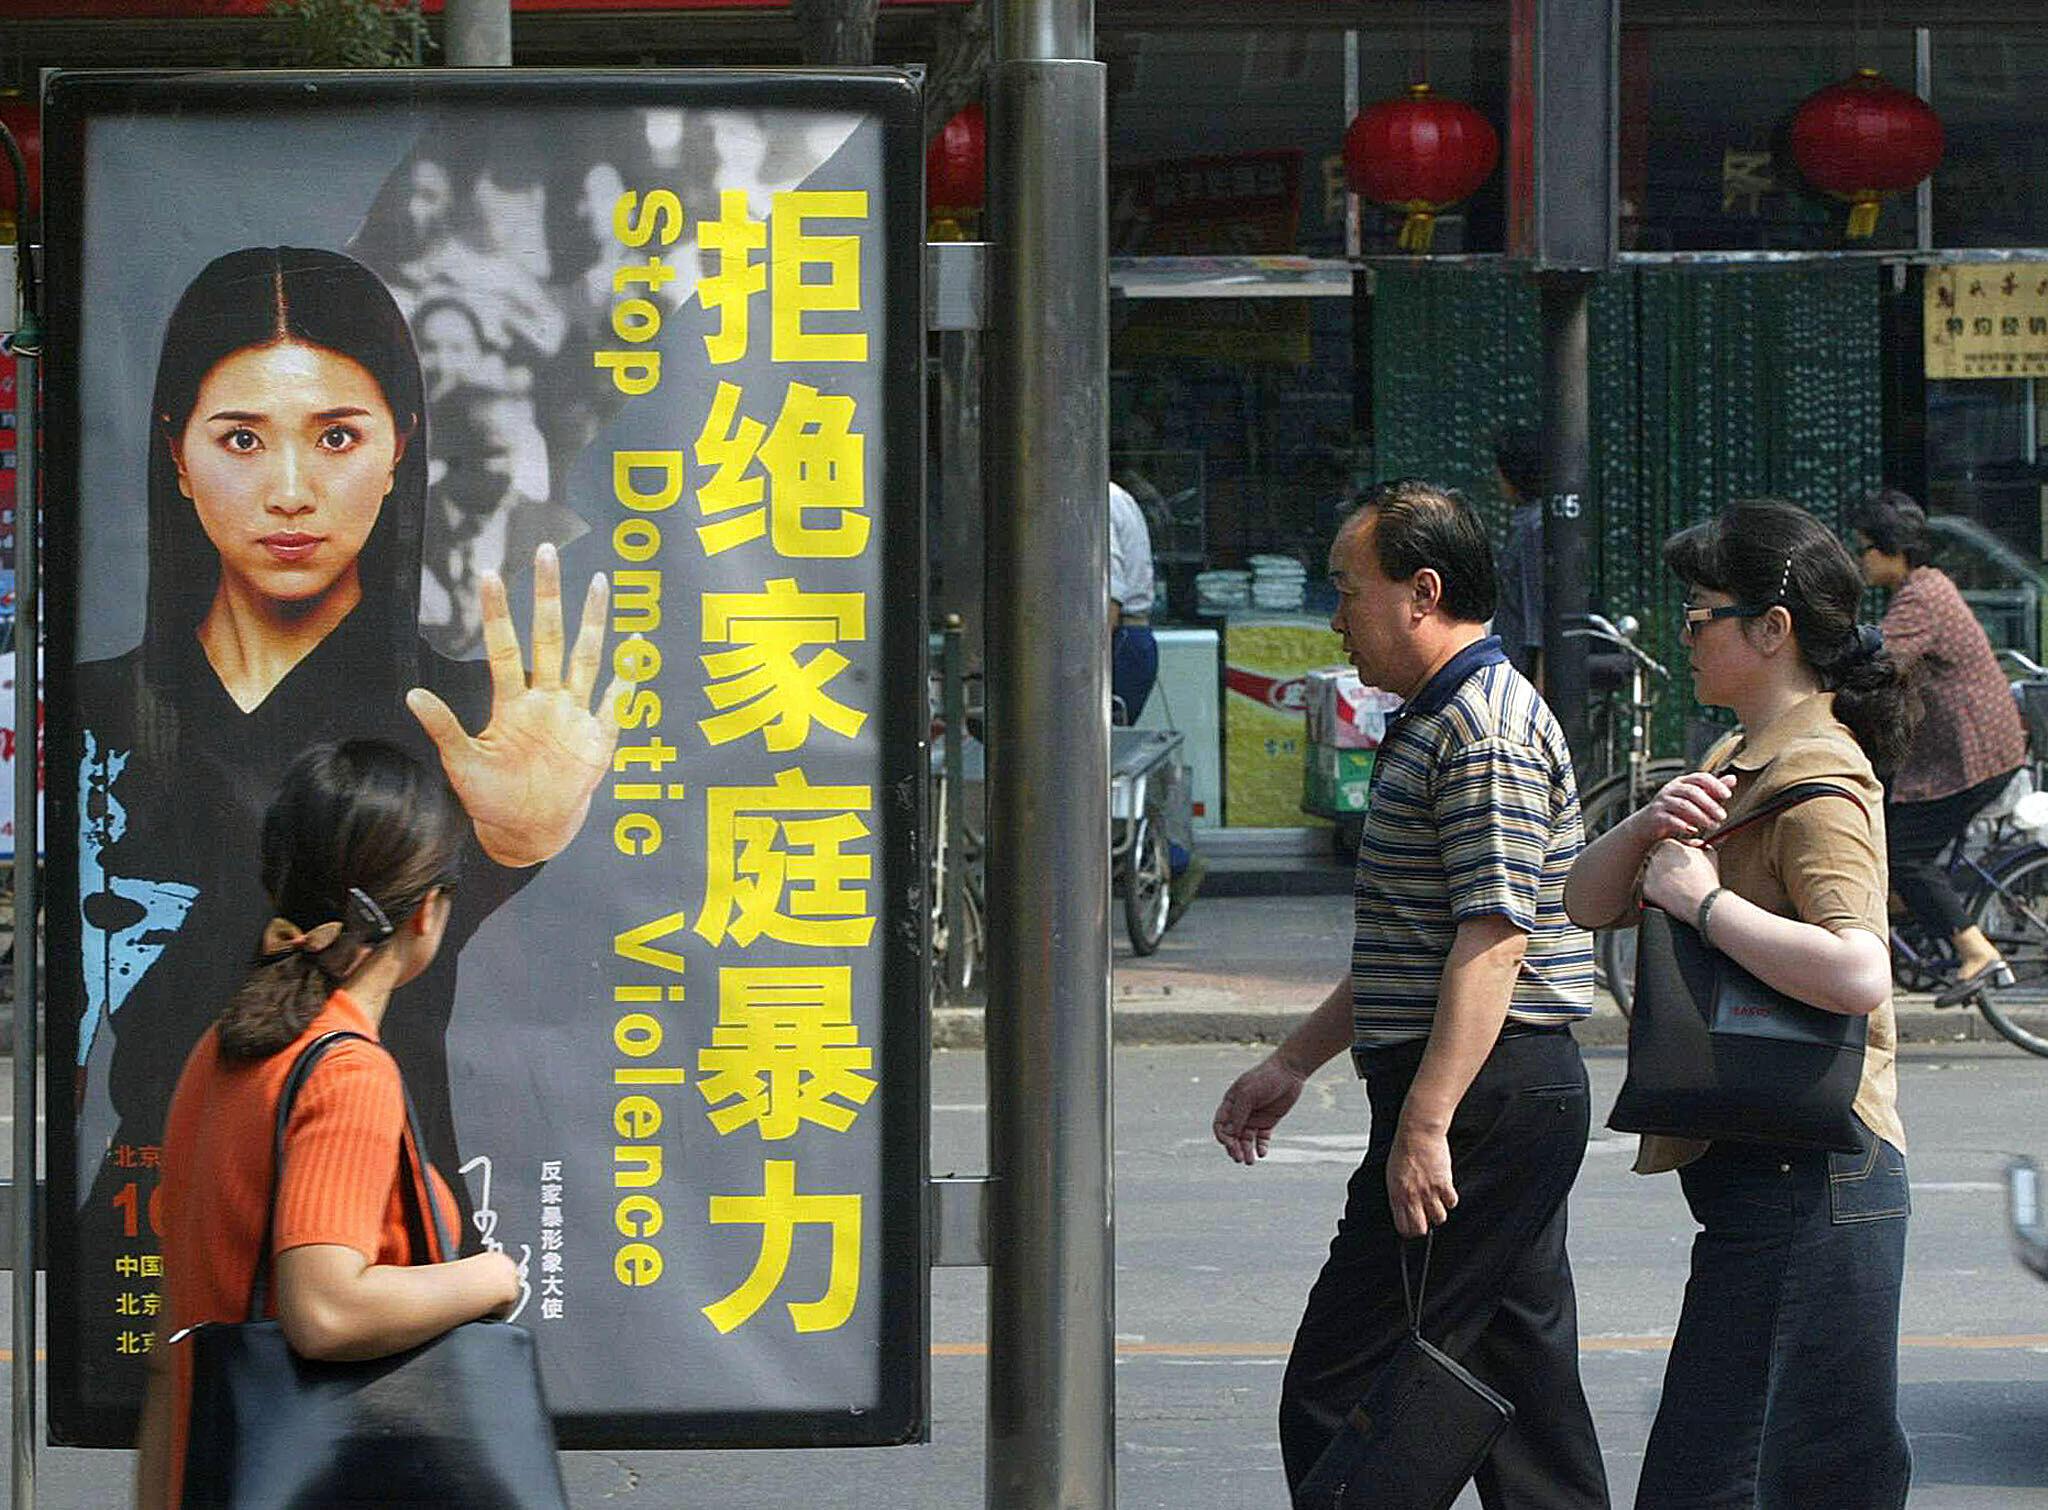 资料图片:北京街头反家庭暴力宣传海报。摄于2002年9月17日。